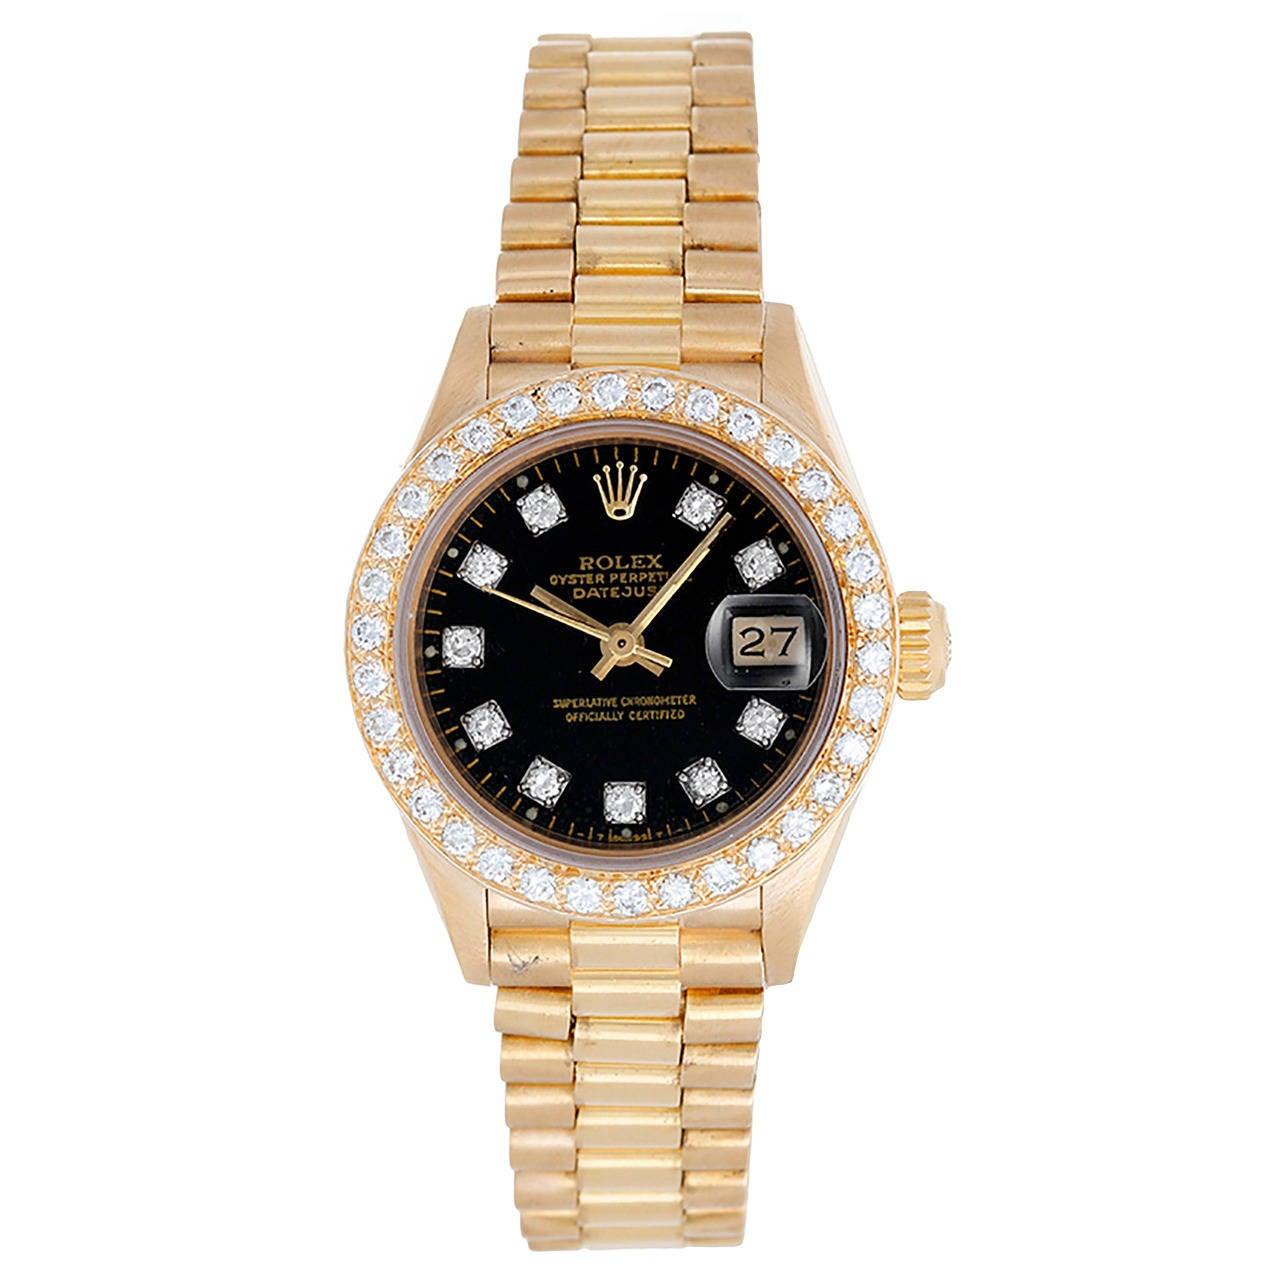 Rolex Lady's Yellow Gold Diamond President Wristwatch Ref 69178